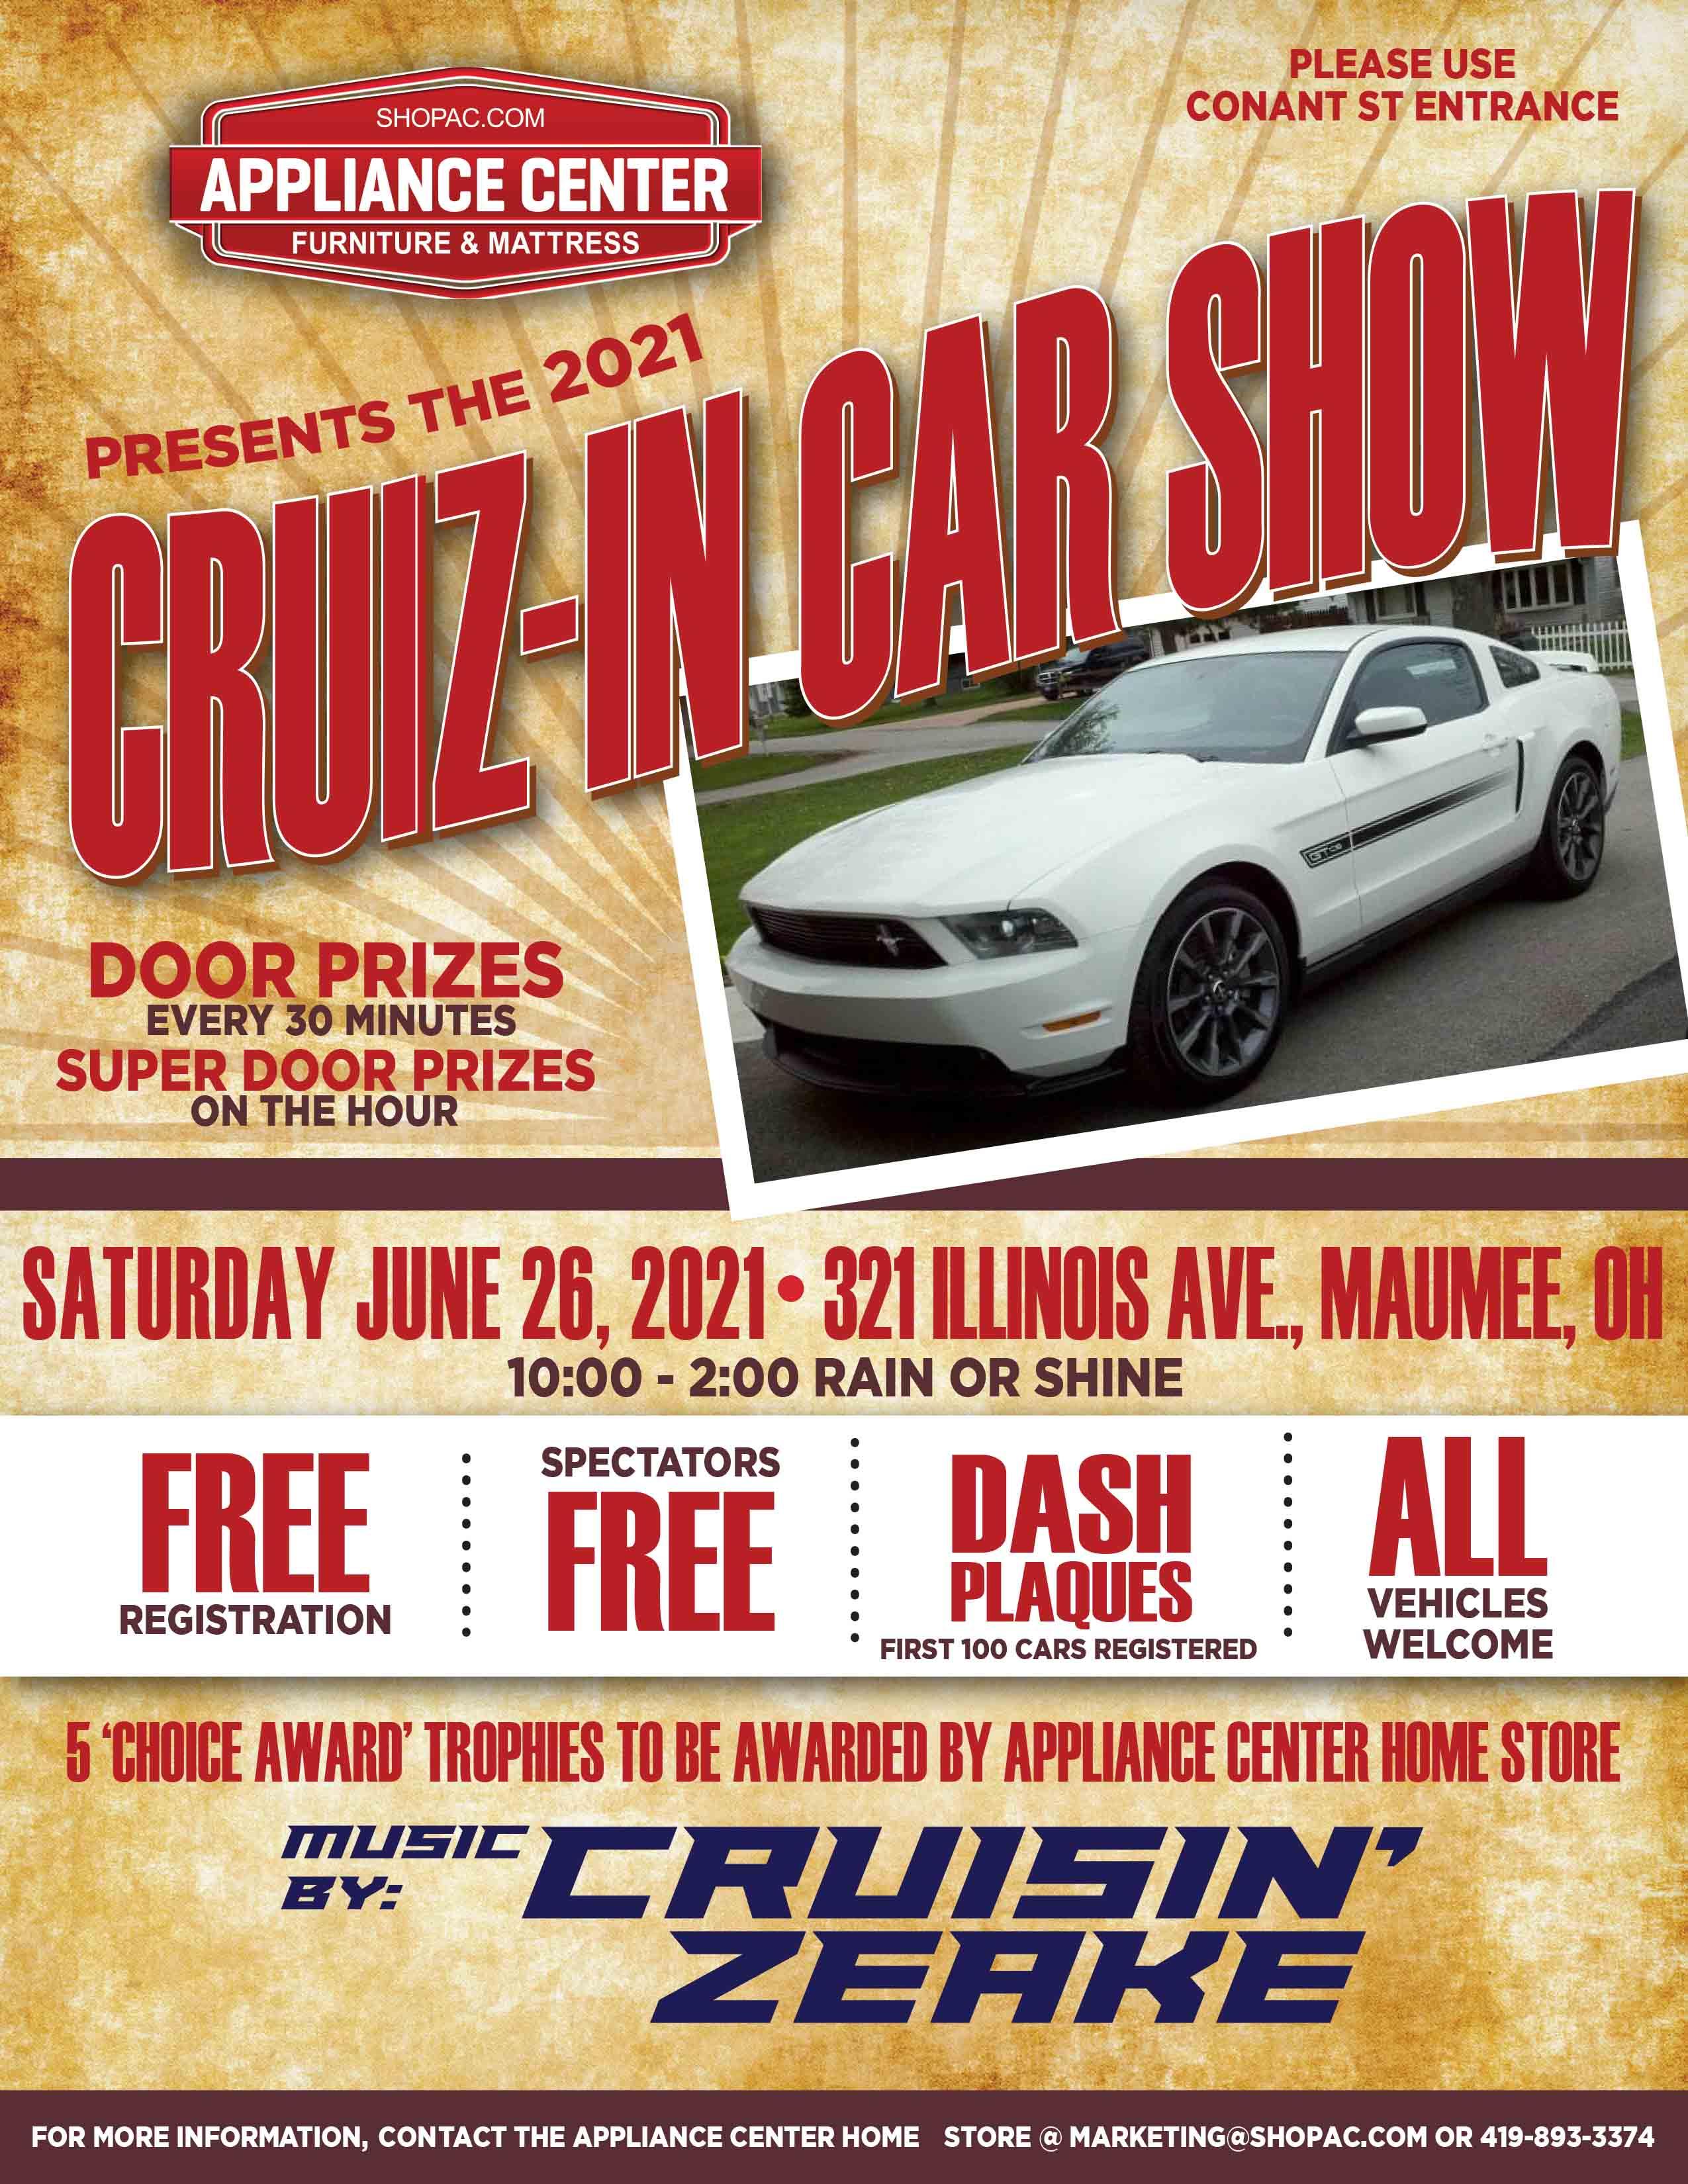 Appliance Center's Annual Cruiz-In Car Show